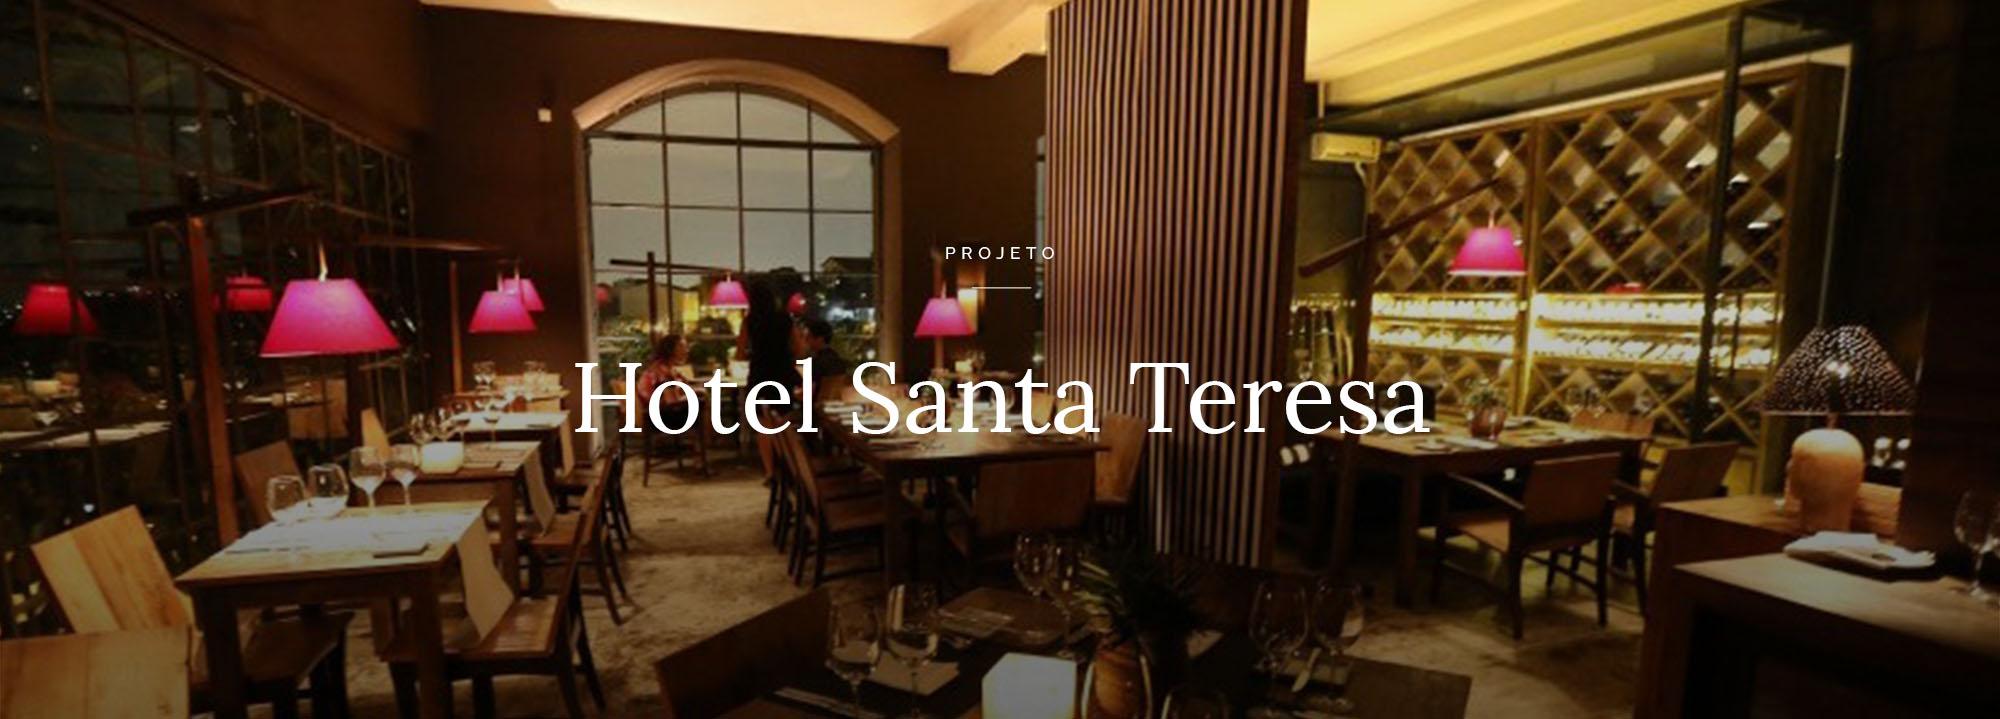 HotelSantaTeresa